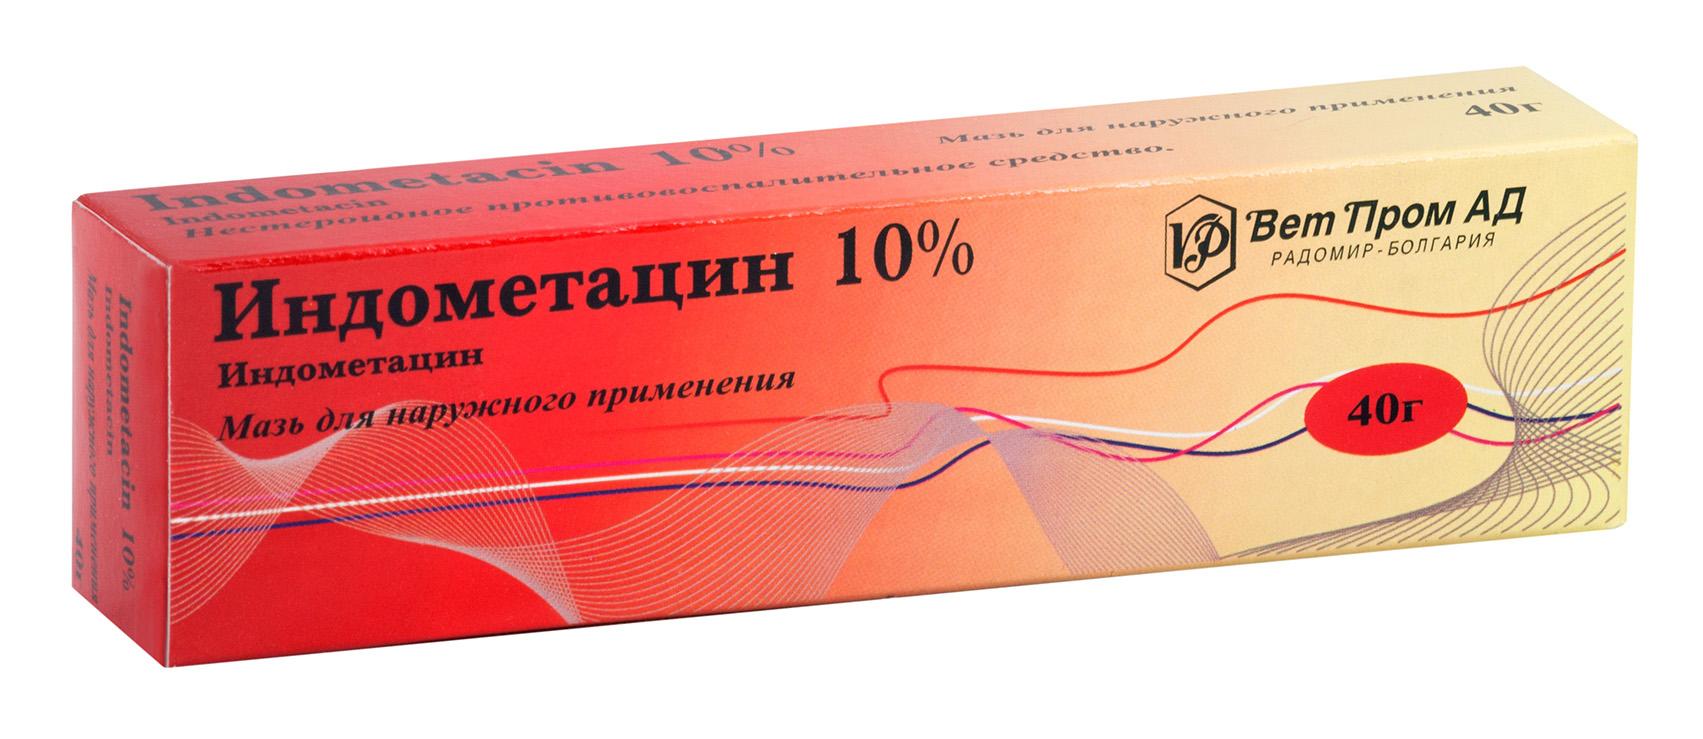 Мазь индометацин картинка предлагаем